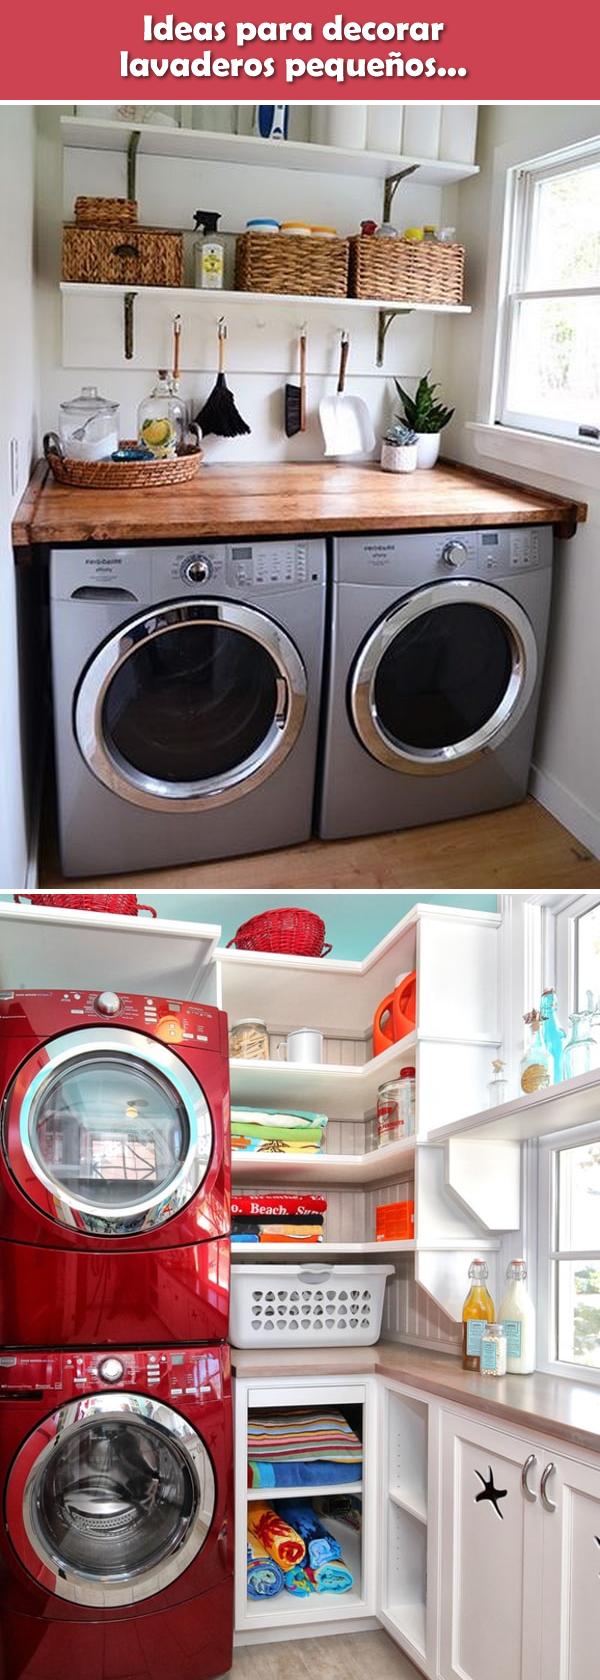 Ideas para lavaderos peque os decoraci n para for Ideas para departamentos